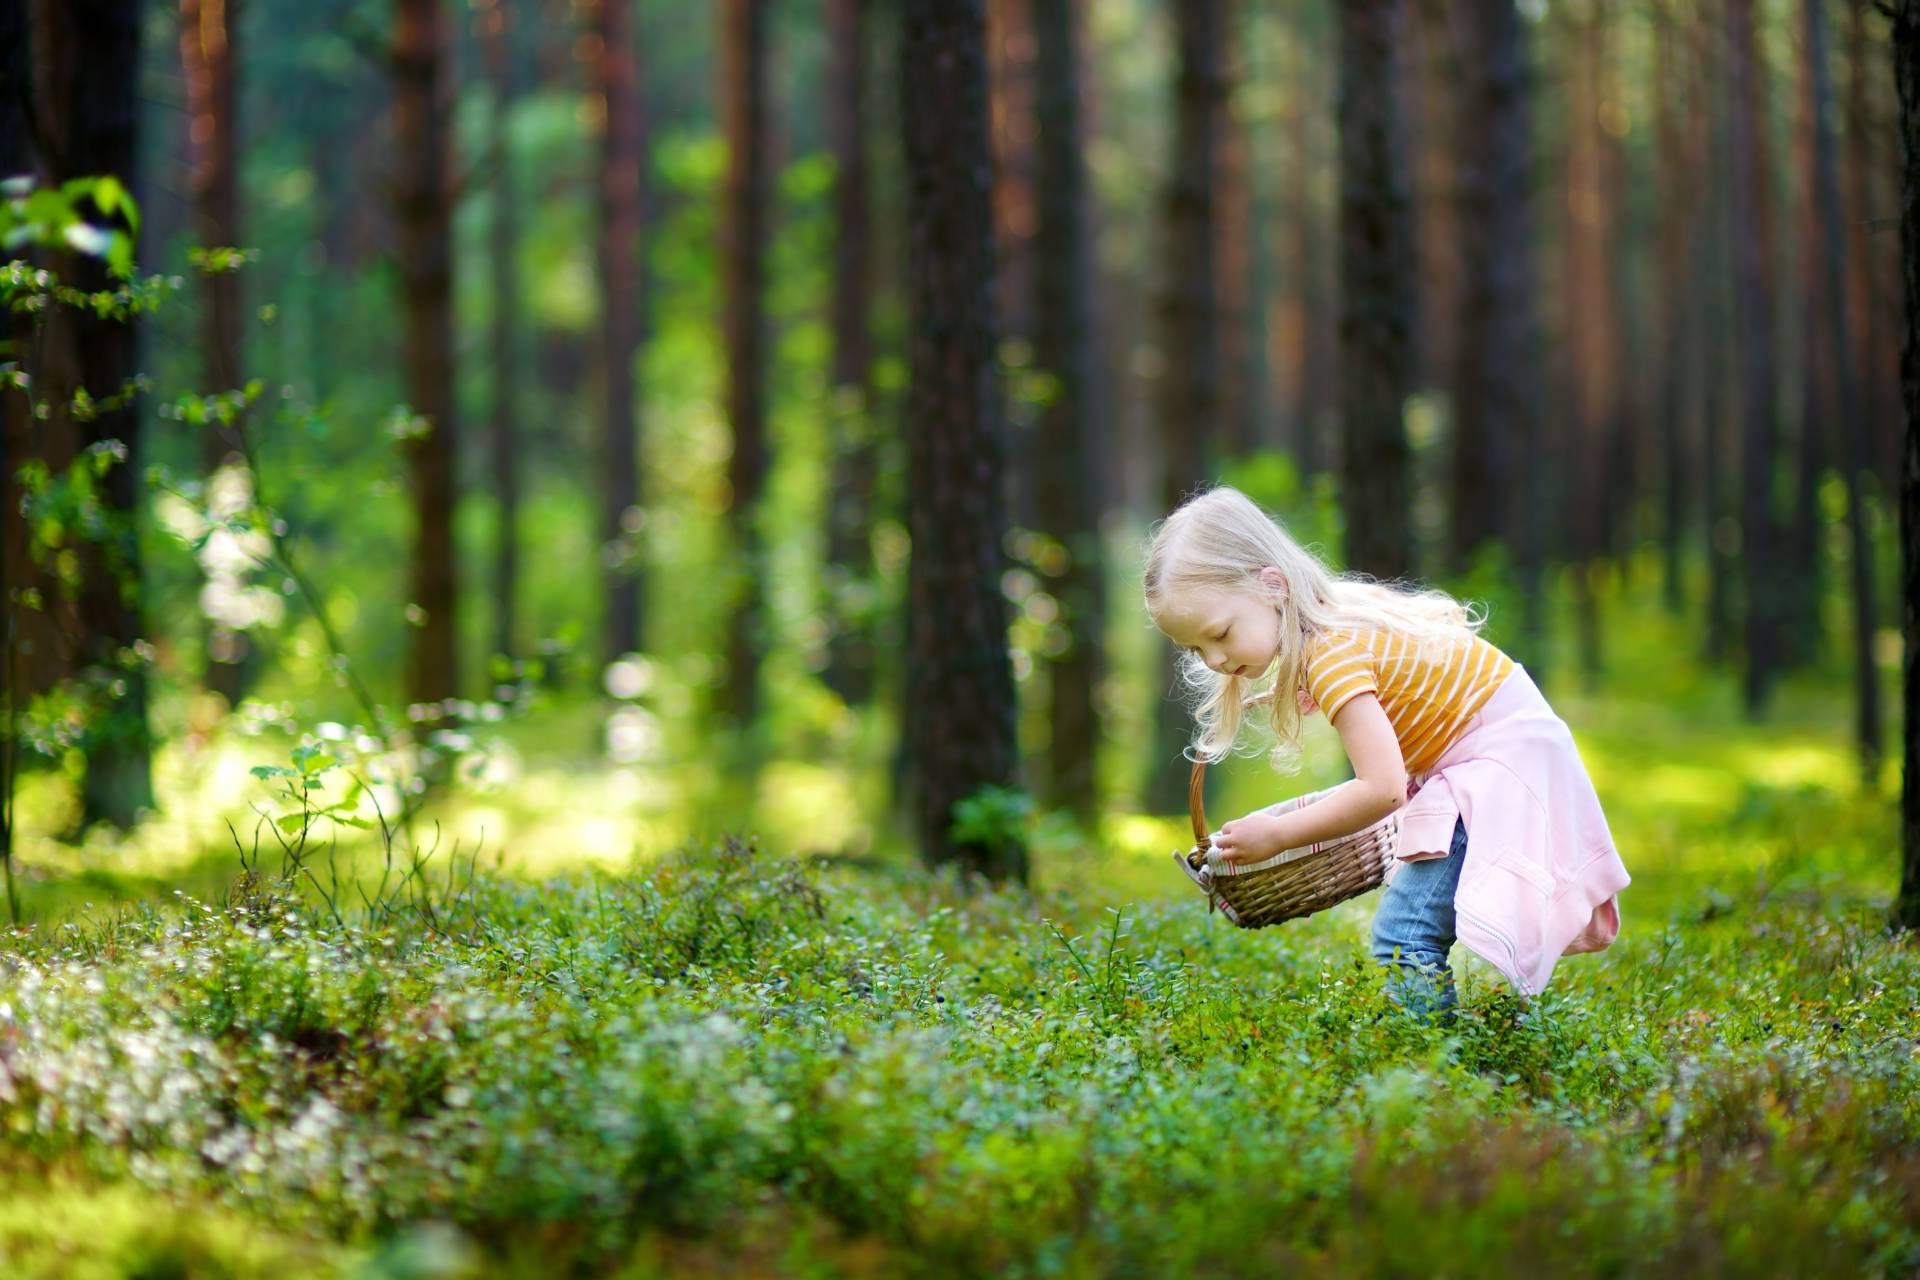 Borelioza - jakie są badania na boreliozę i co oznaczają wyniki testów? Dziewczynka zbiera jagody w lesie.